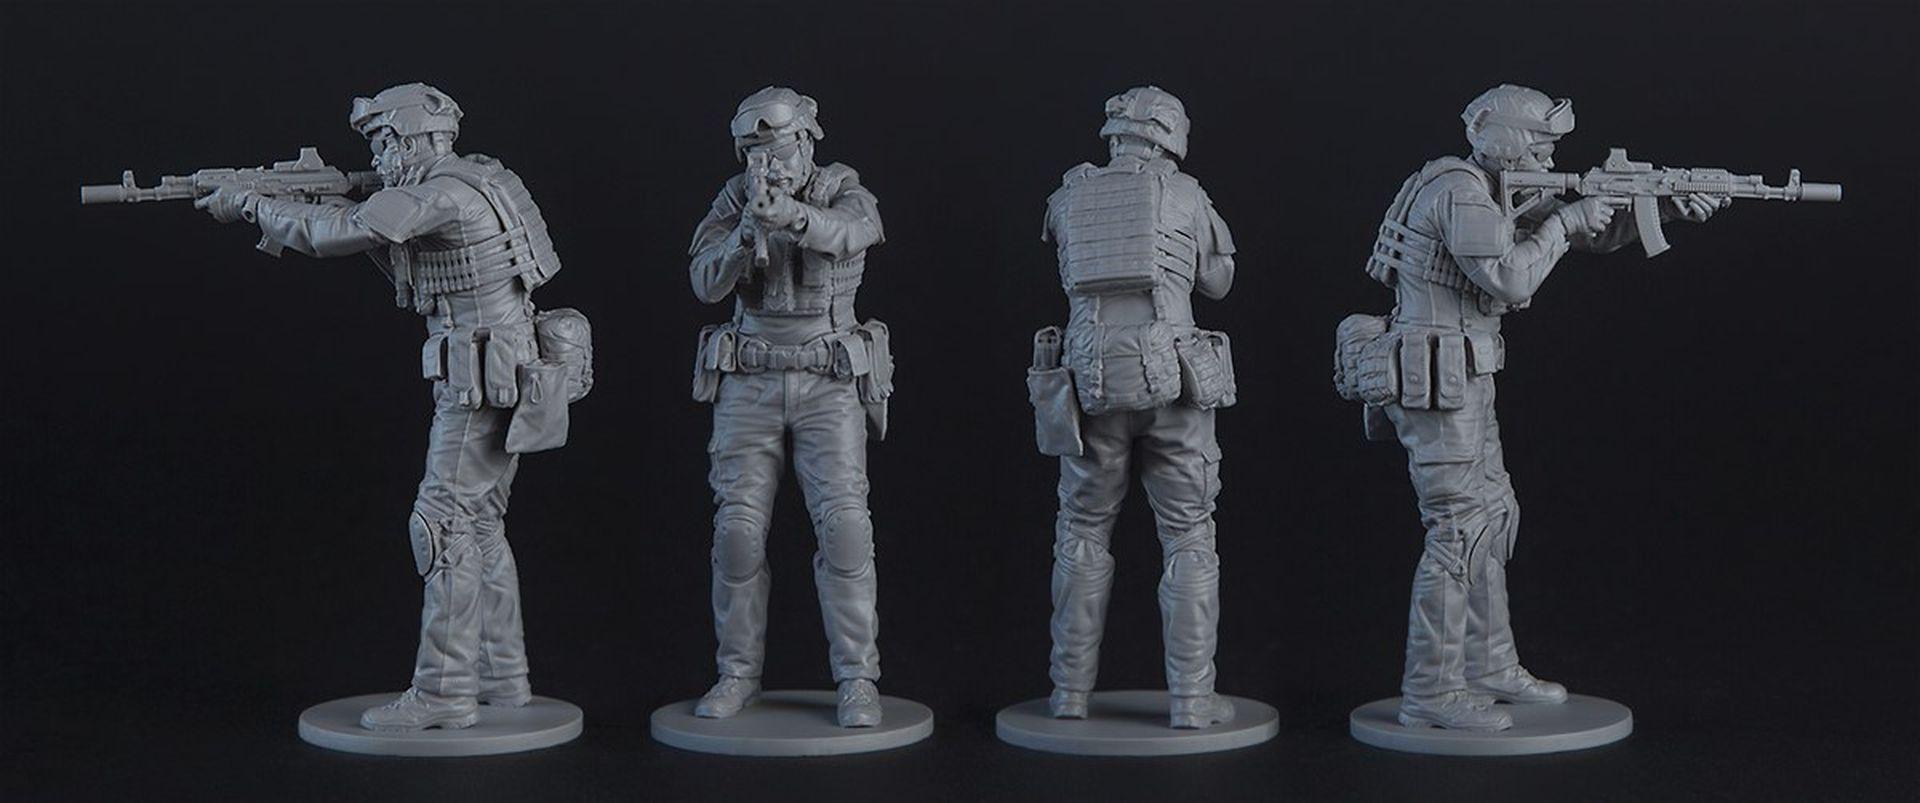 Як український стартап популяризує армію за допомогою 3D-копій